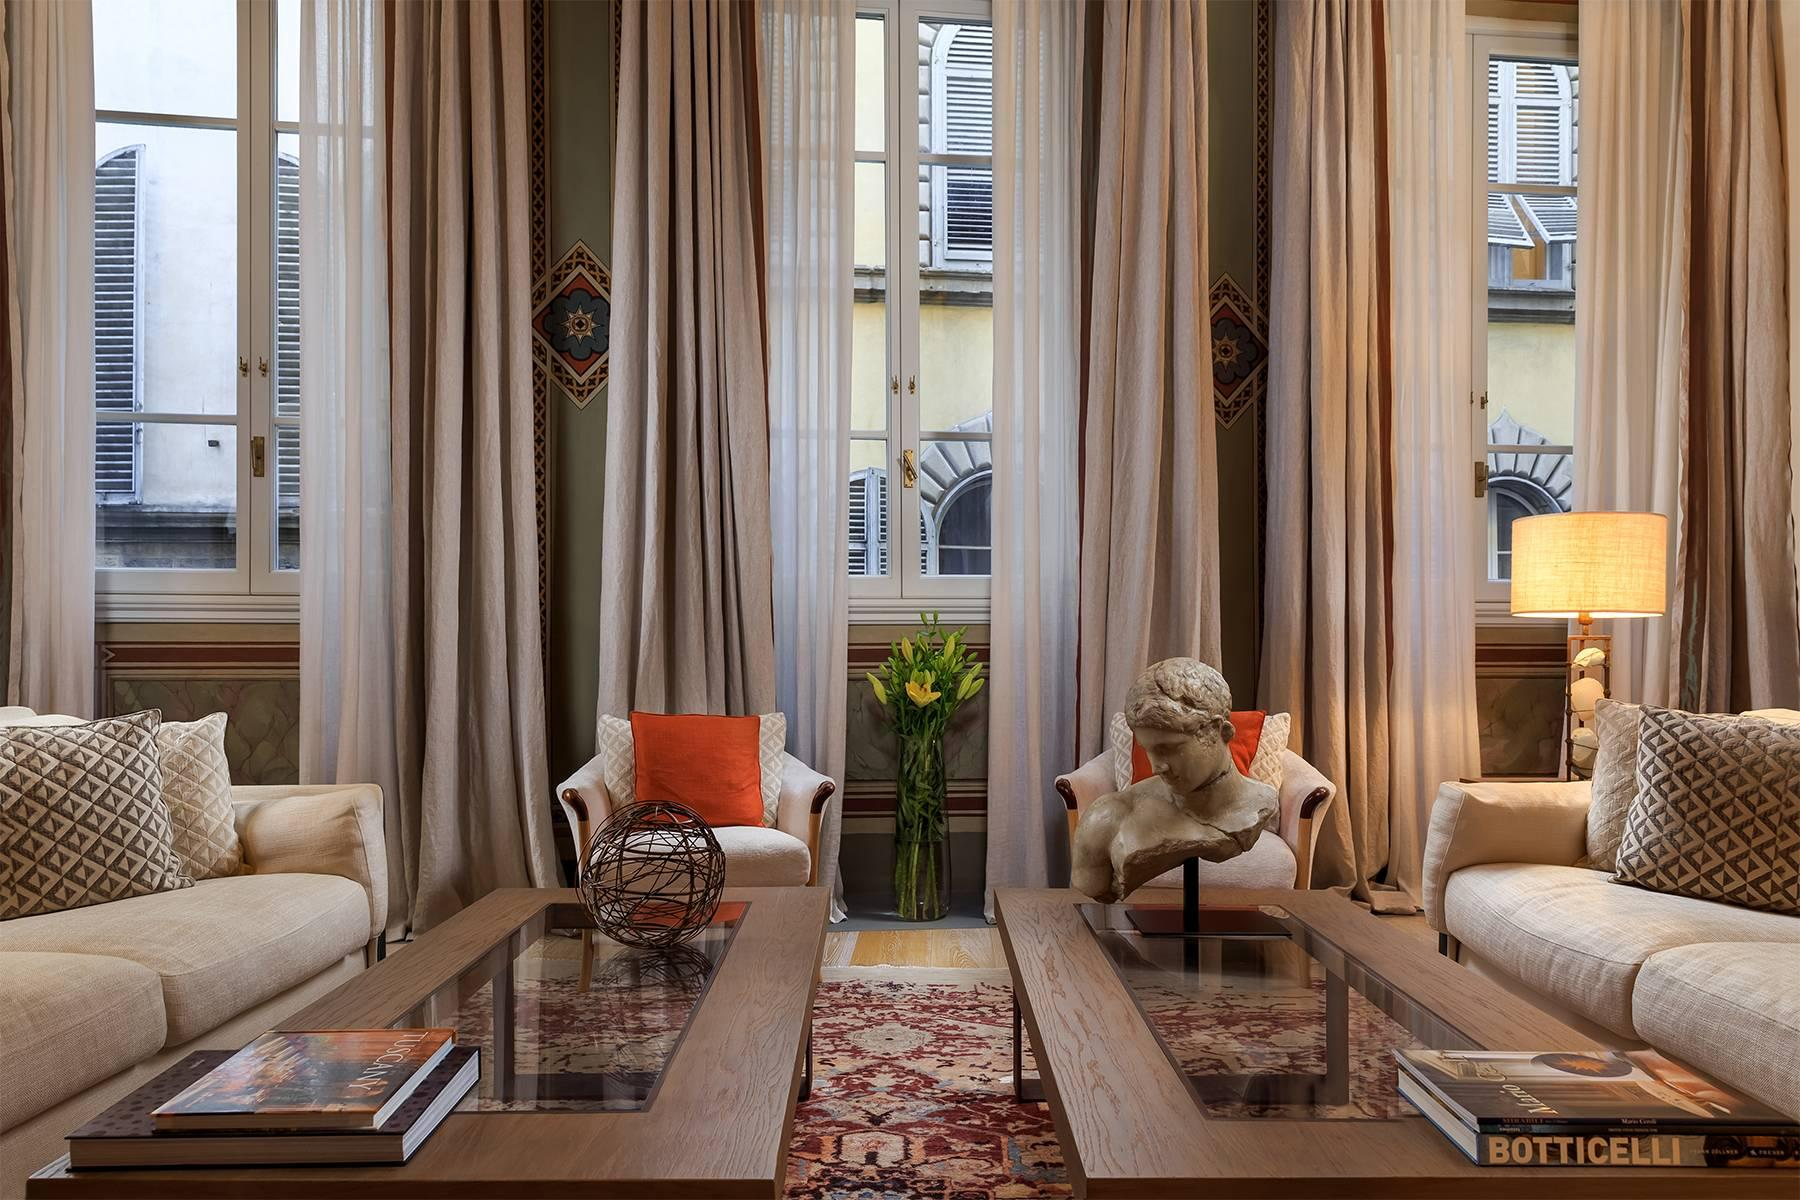 Appartement moderne et contemporain dans Palazzo historique. - 3